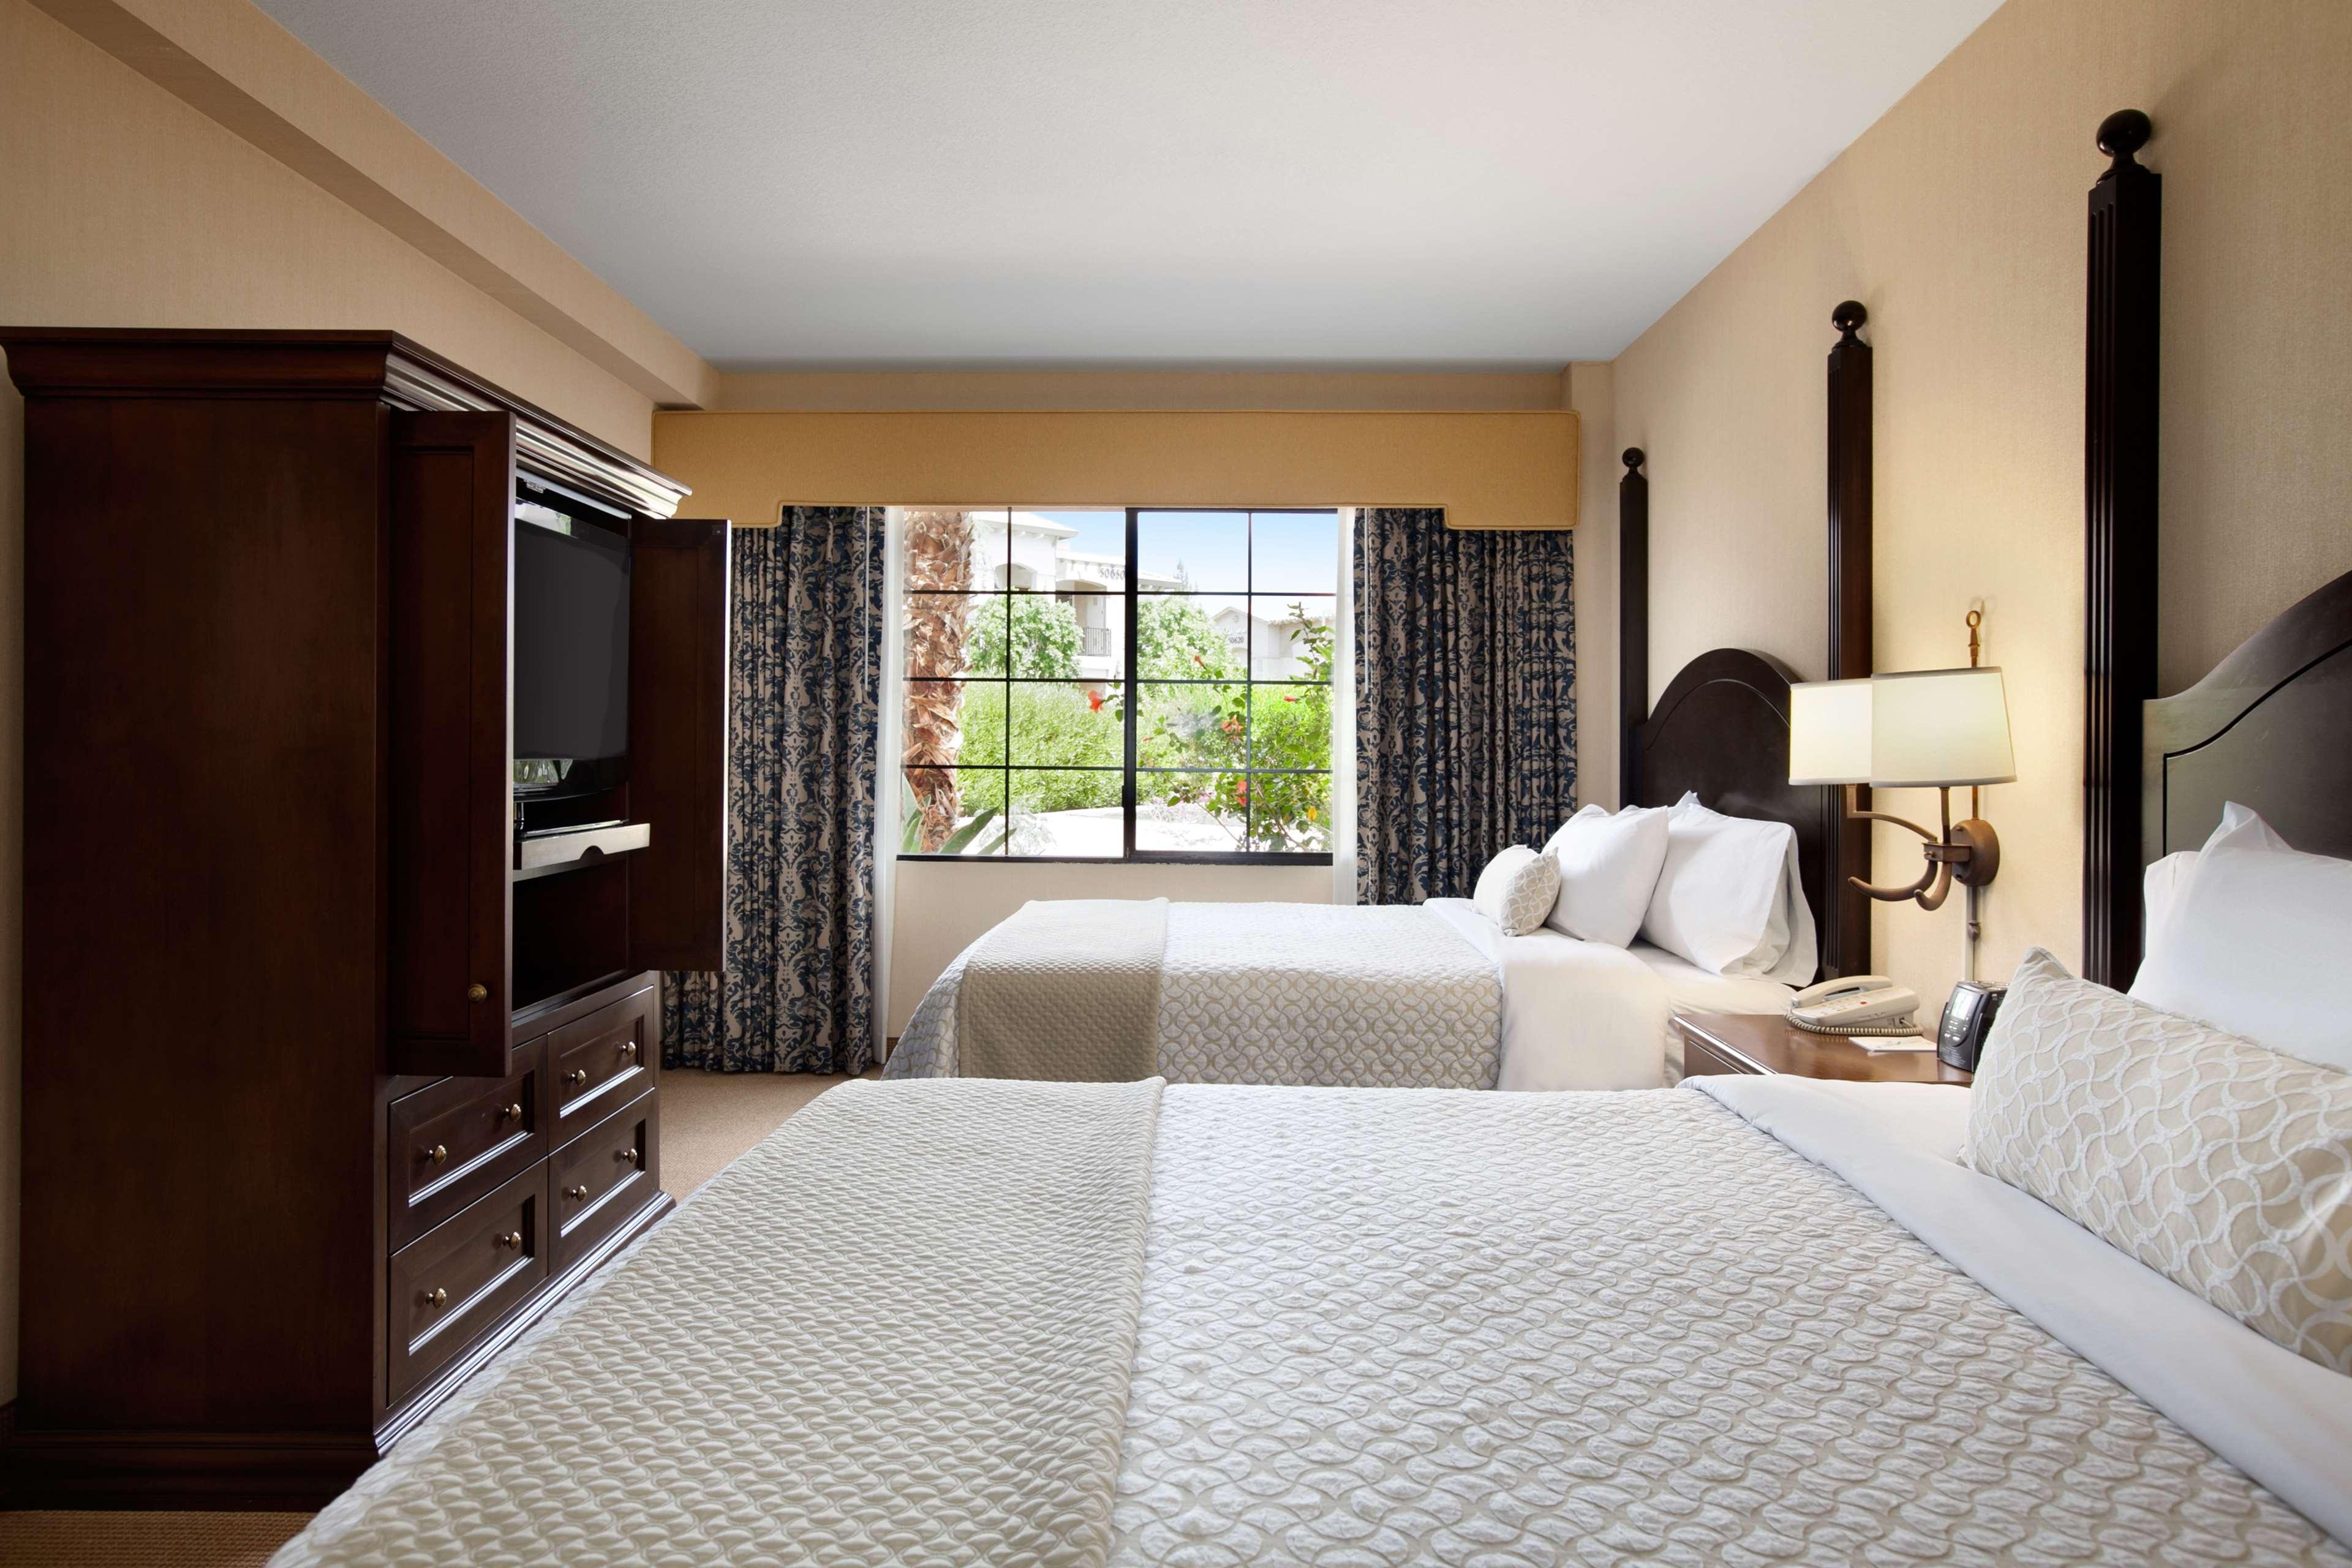 Embassy Suites by Hilton La Quinta Hotel & Spa image 29